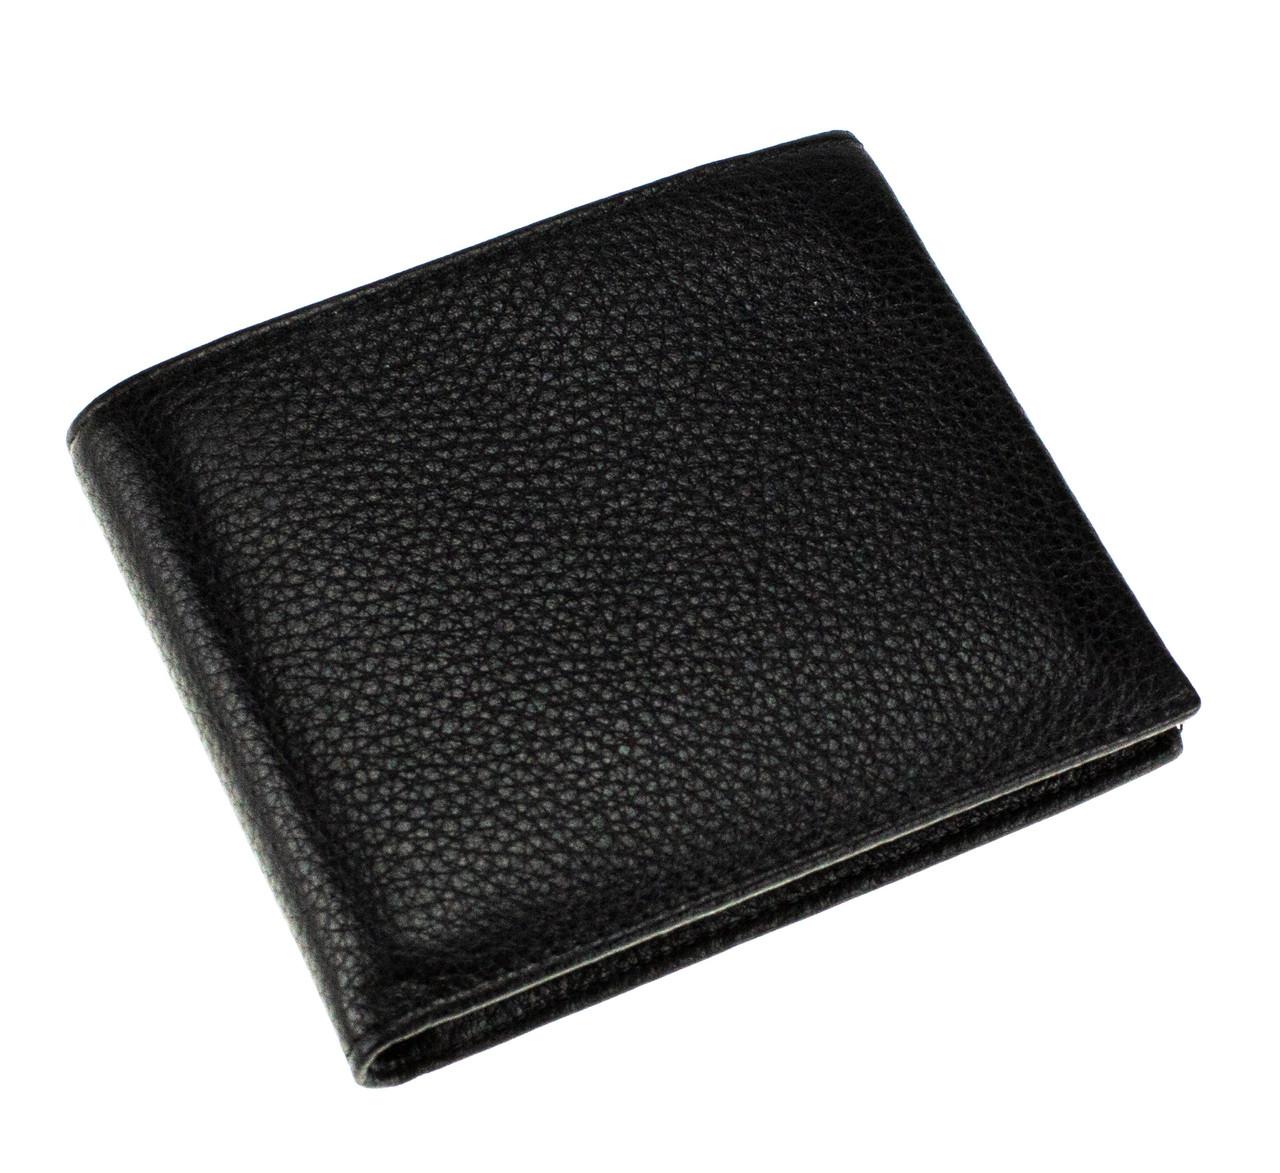 Мужской кошелек кожаный черный Eminsa 1028-17-1